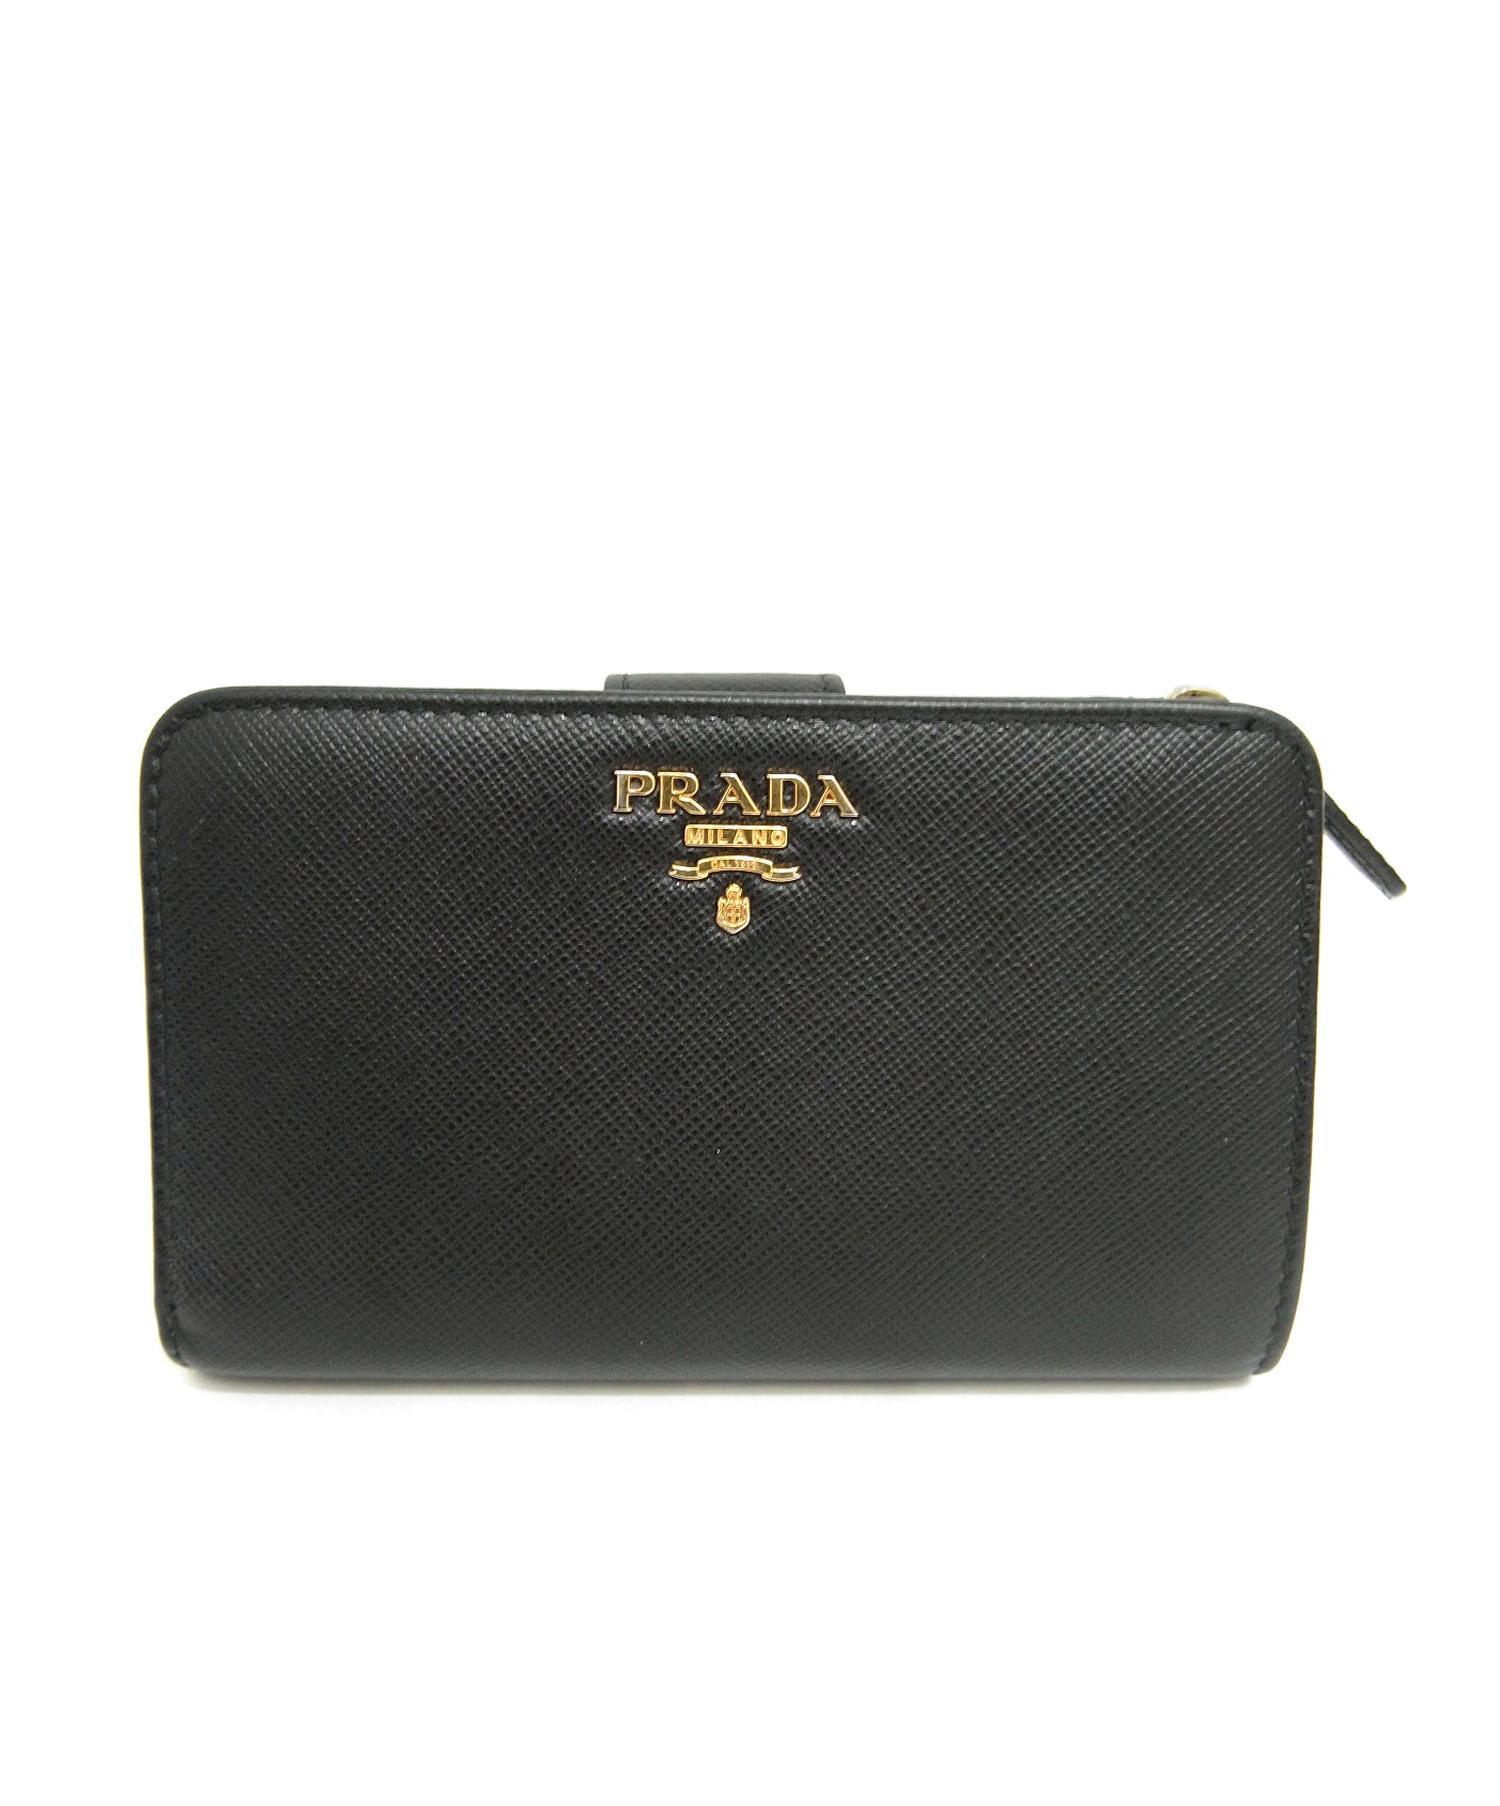 brand new bf58f 0b636 [中古]PRADA(プラダ)のレディース 服飾小物 2つ折り財布